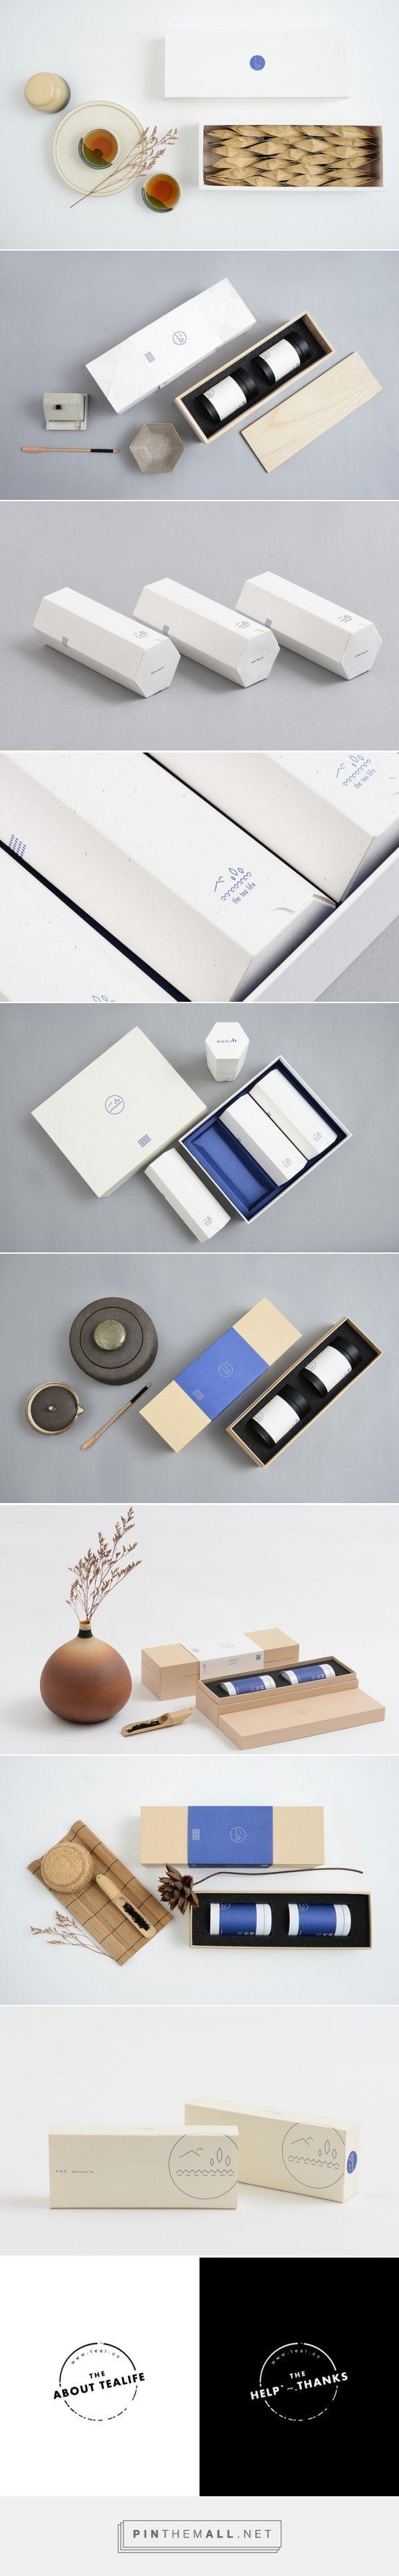 茶中生设 the tea life|包装|平面|王美福 - 原创设计作品 - 站酷 (ZCOOL) curated by Packaging Diva PD. The tea life packaging.: